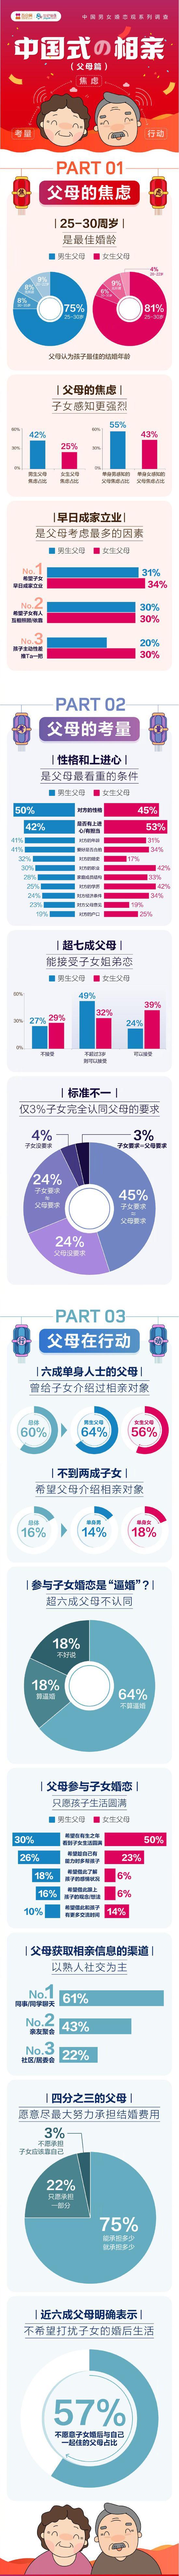 报告:25-30岁是父母眼中子女最佳婚龄 七成父母接受子女